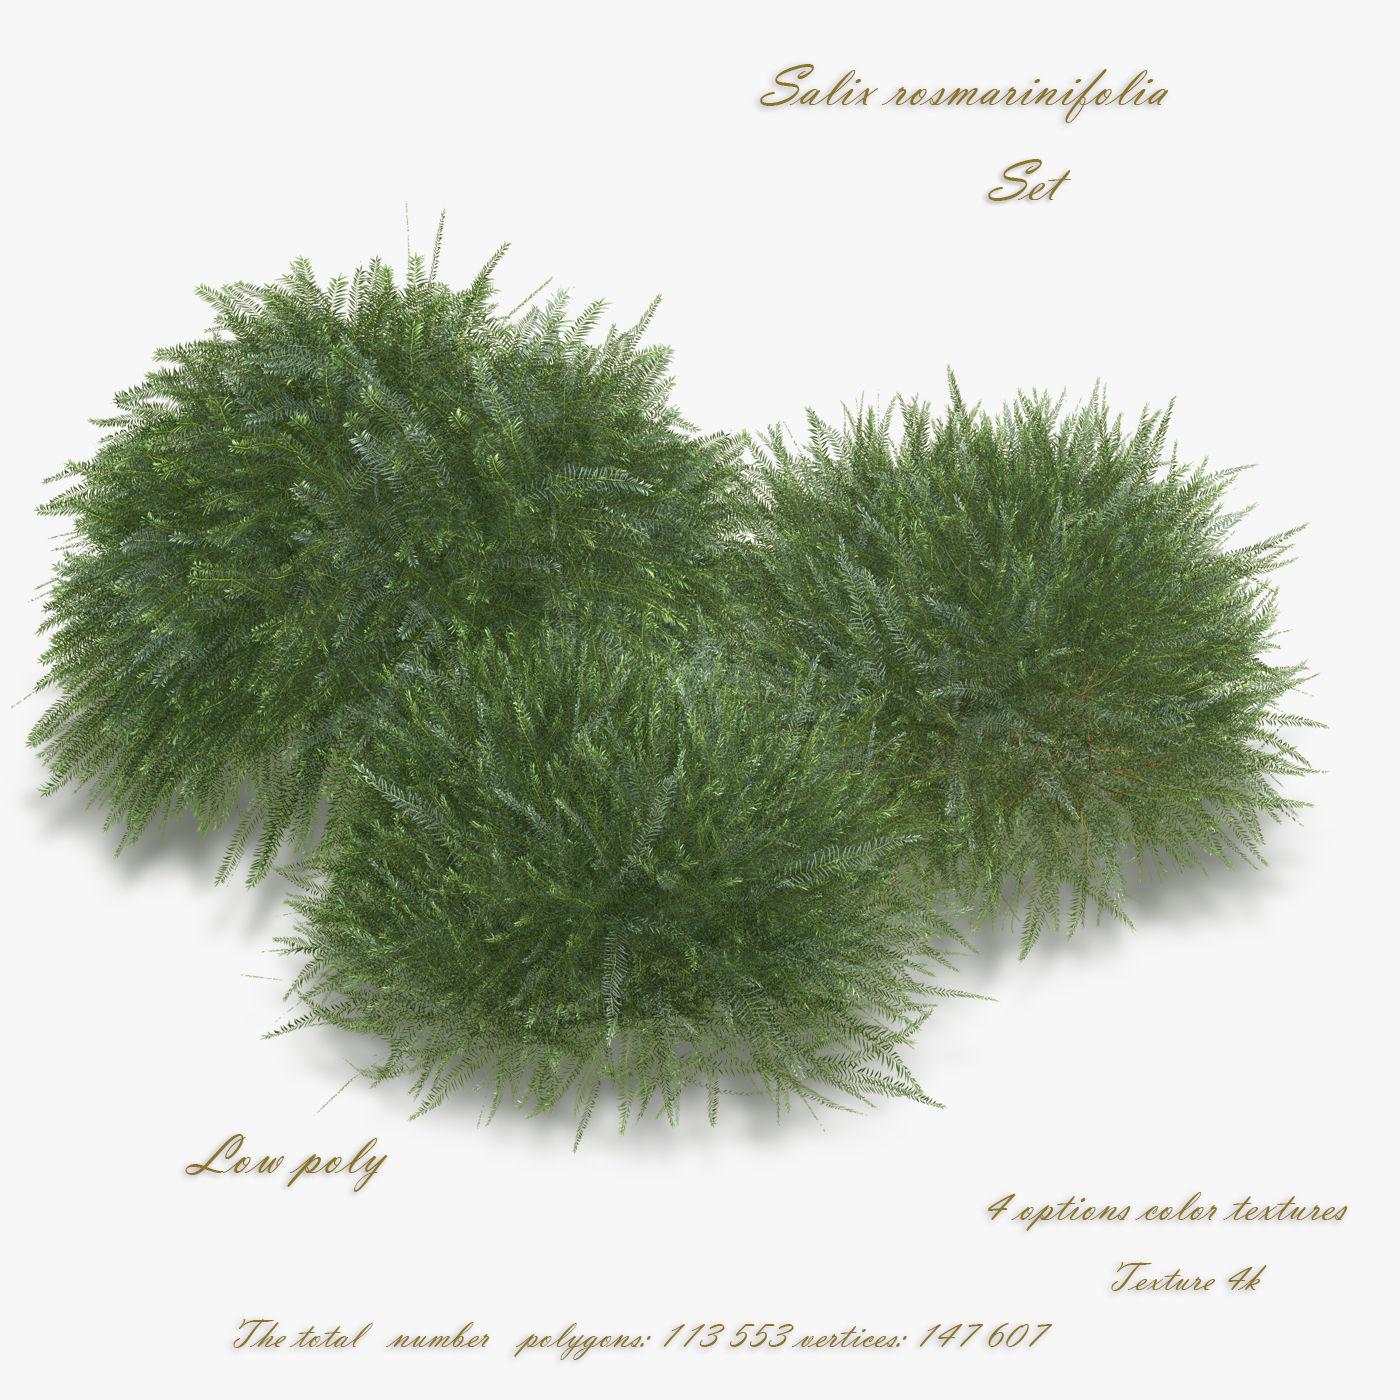 Bush Willow Salix rosmarinifolia